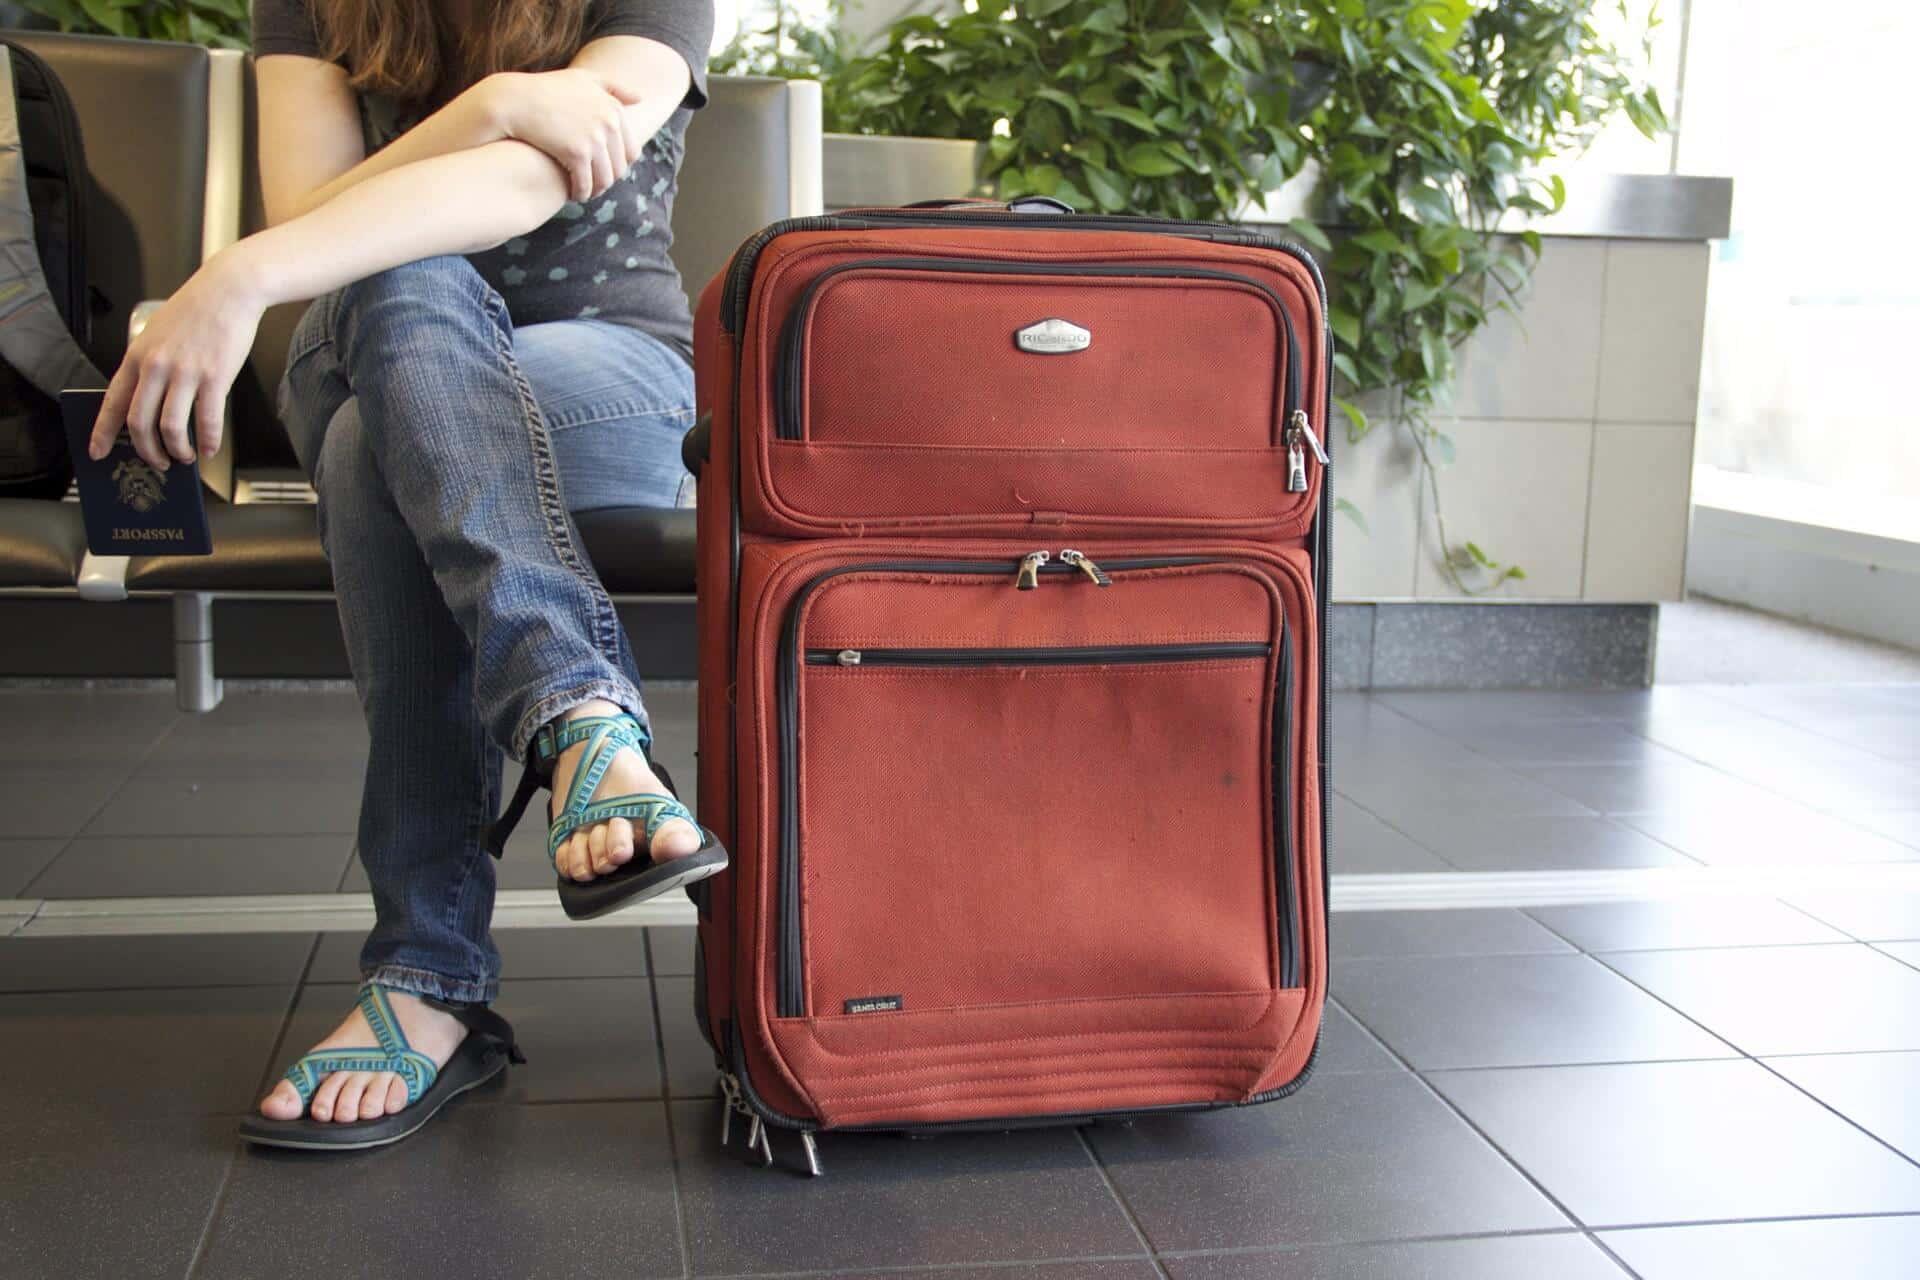 denier fabric luggage